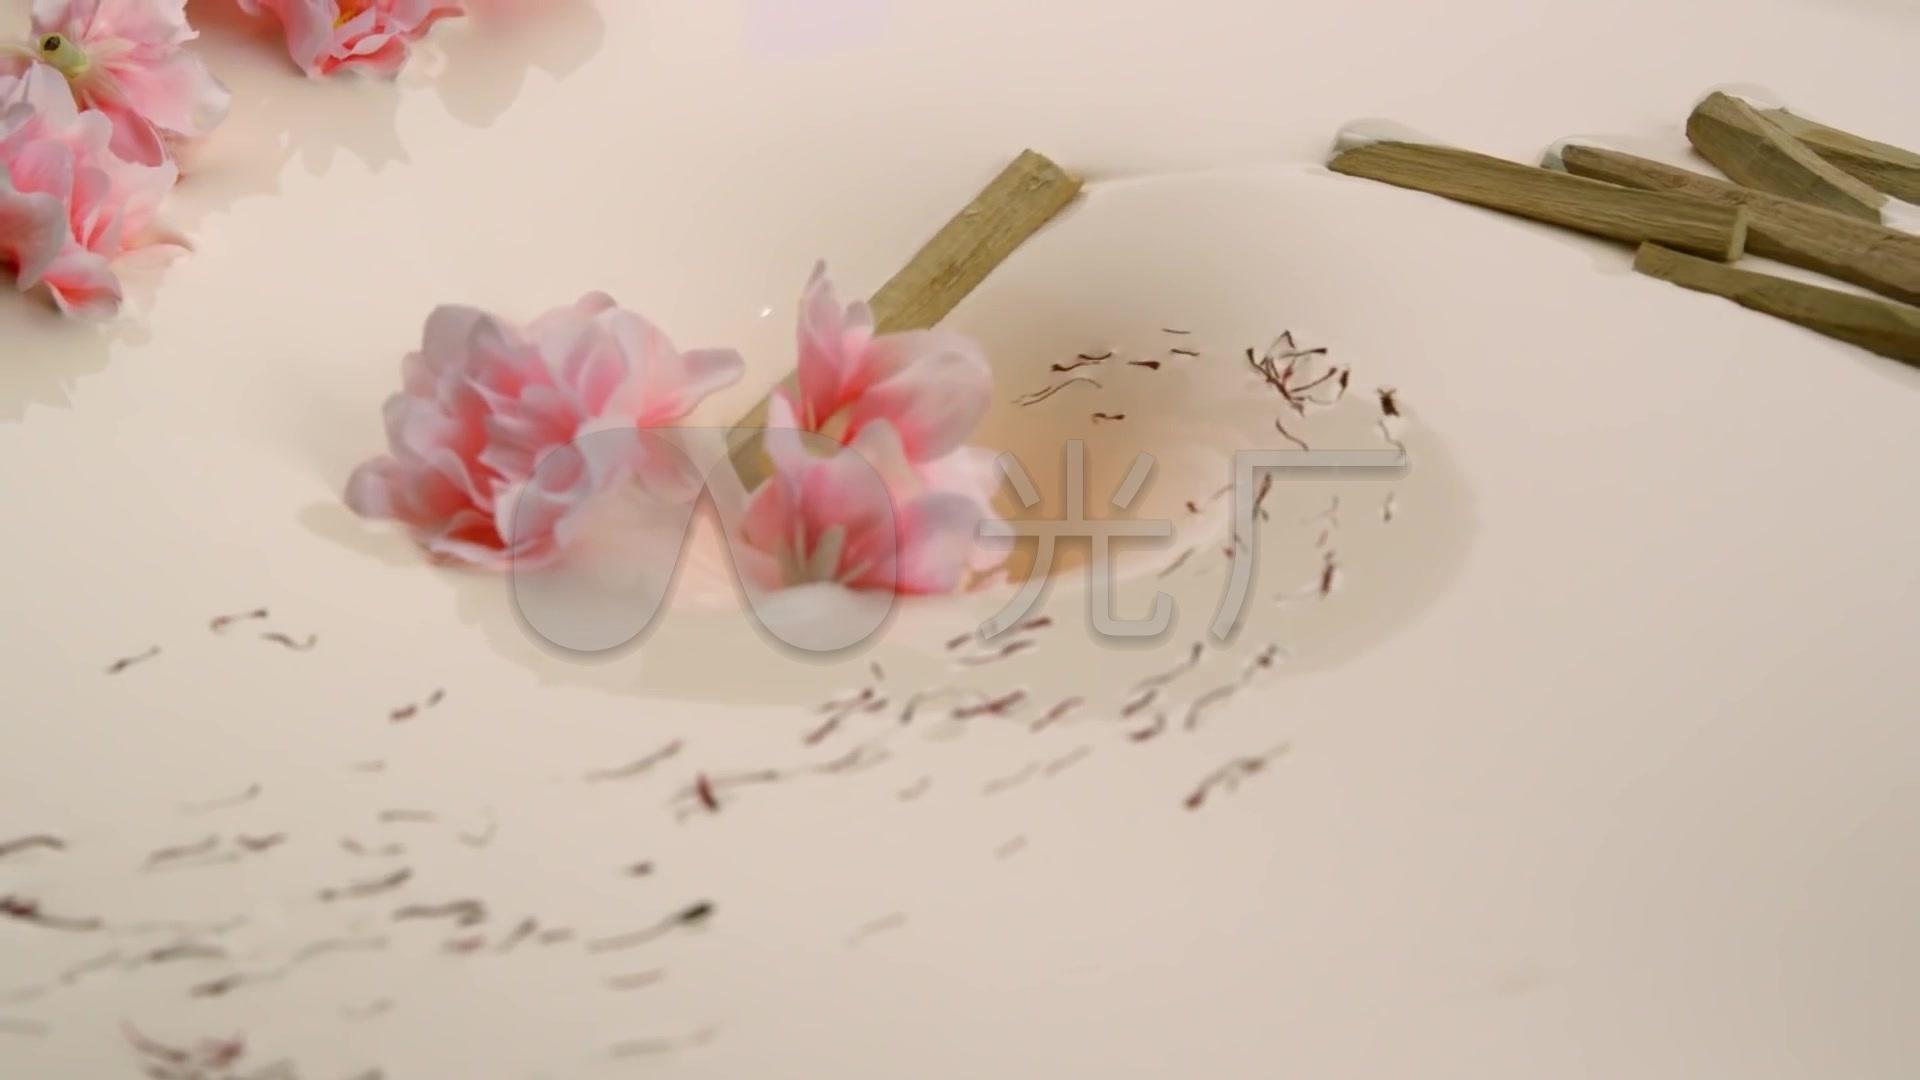 香皂沐浴性感浴室美女泡沫v香皂洗澡_1920X1丰满美女图片乌克兰肥皂图片